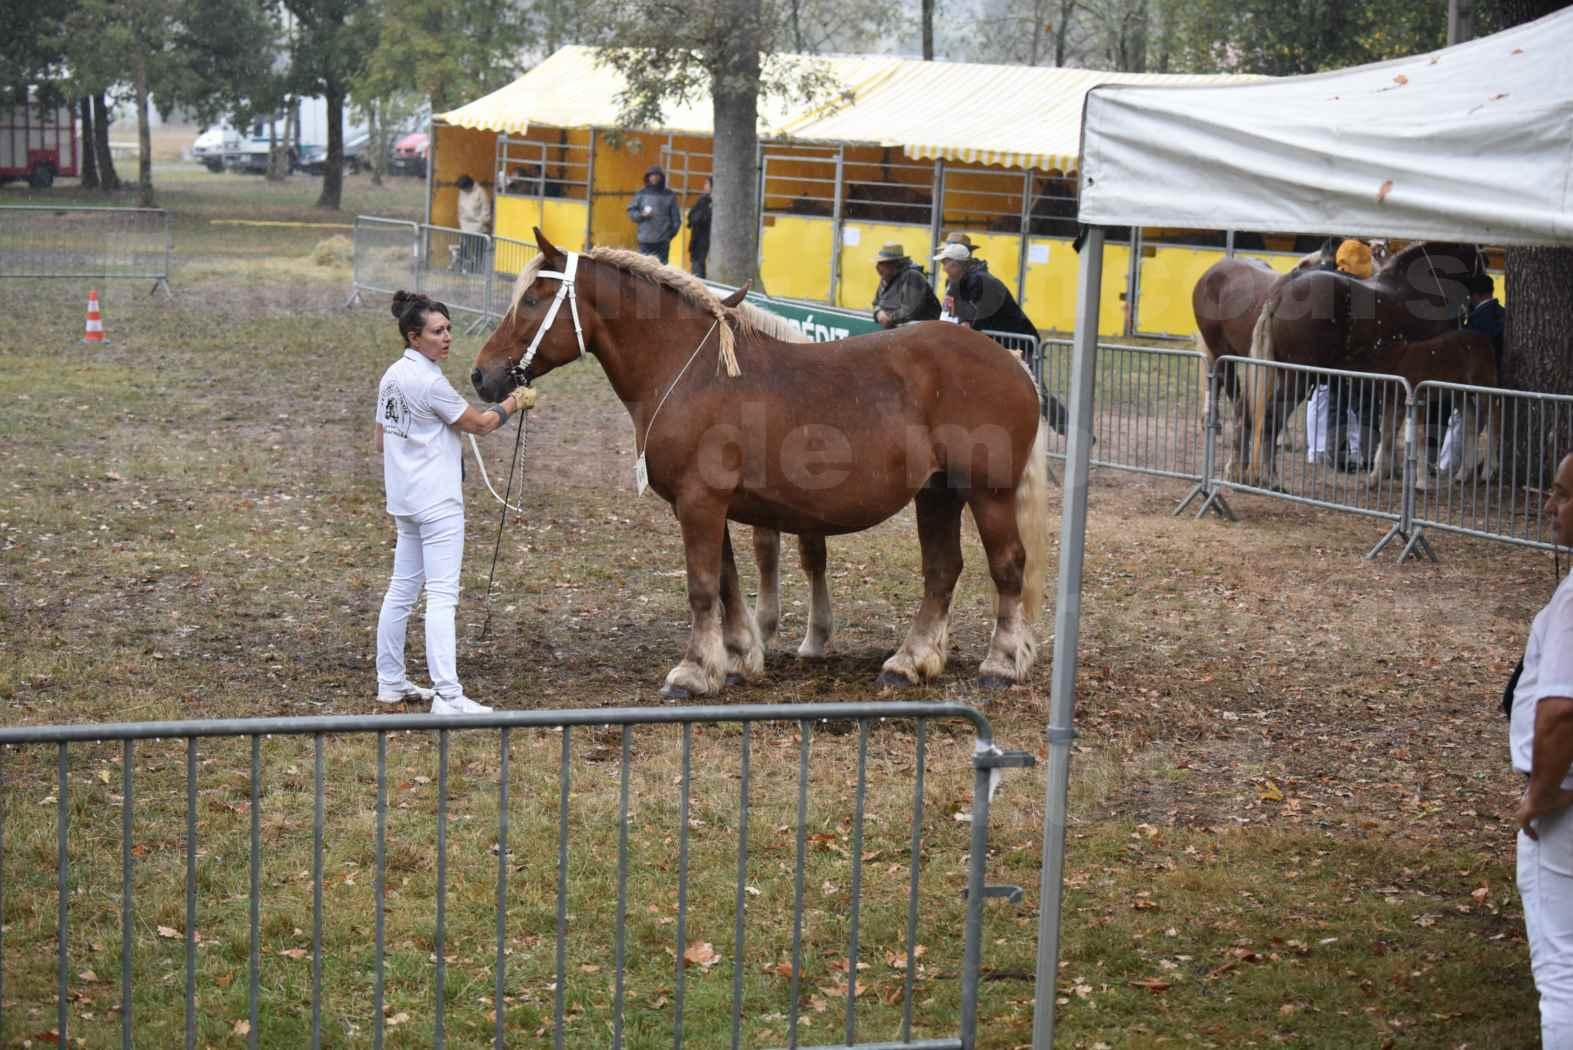 Concours Régional de chevaux de traits en 2017 - Trait COMTOIS - Jument suitée - ROXIE 7 - 02